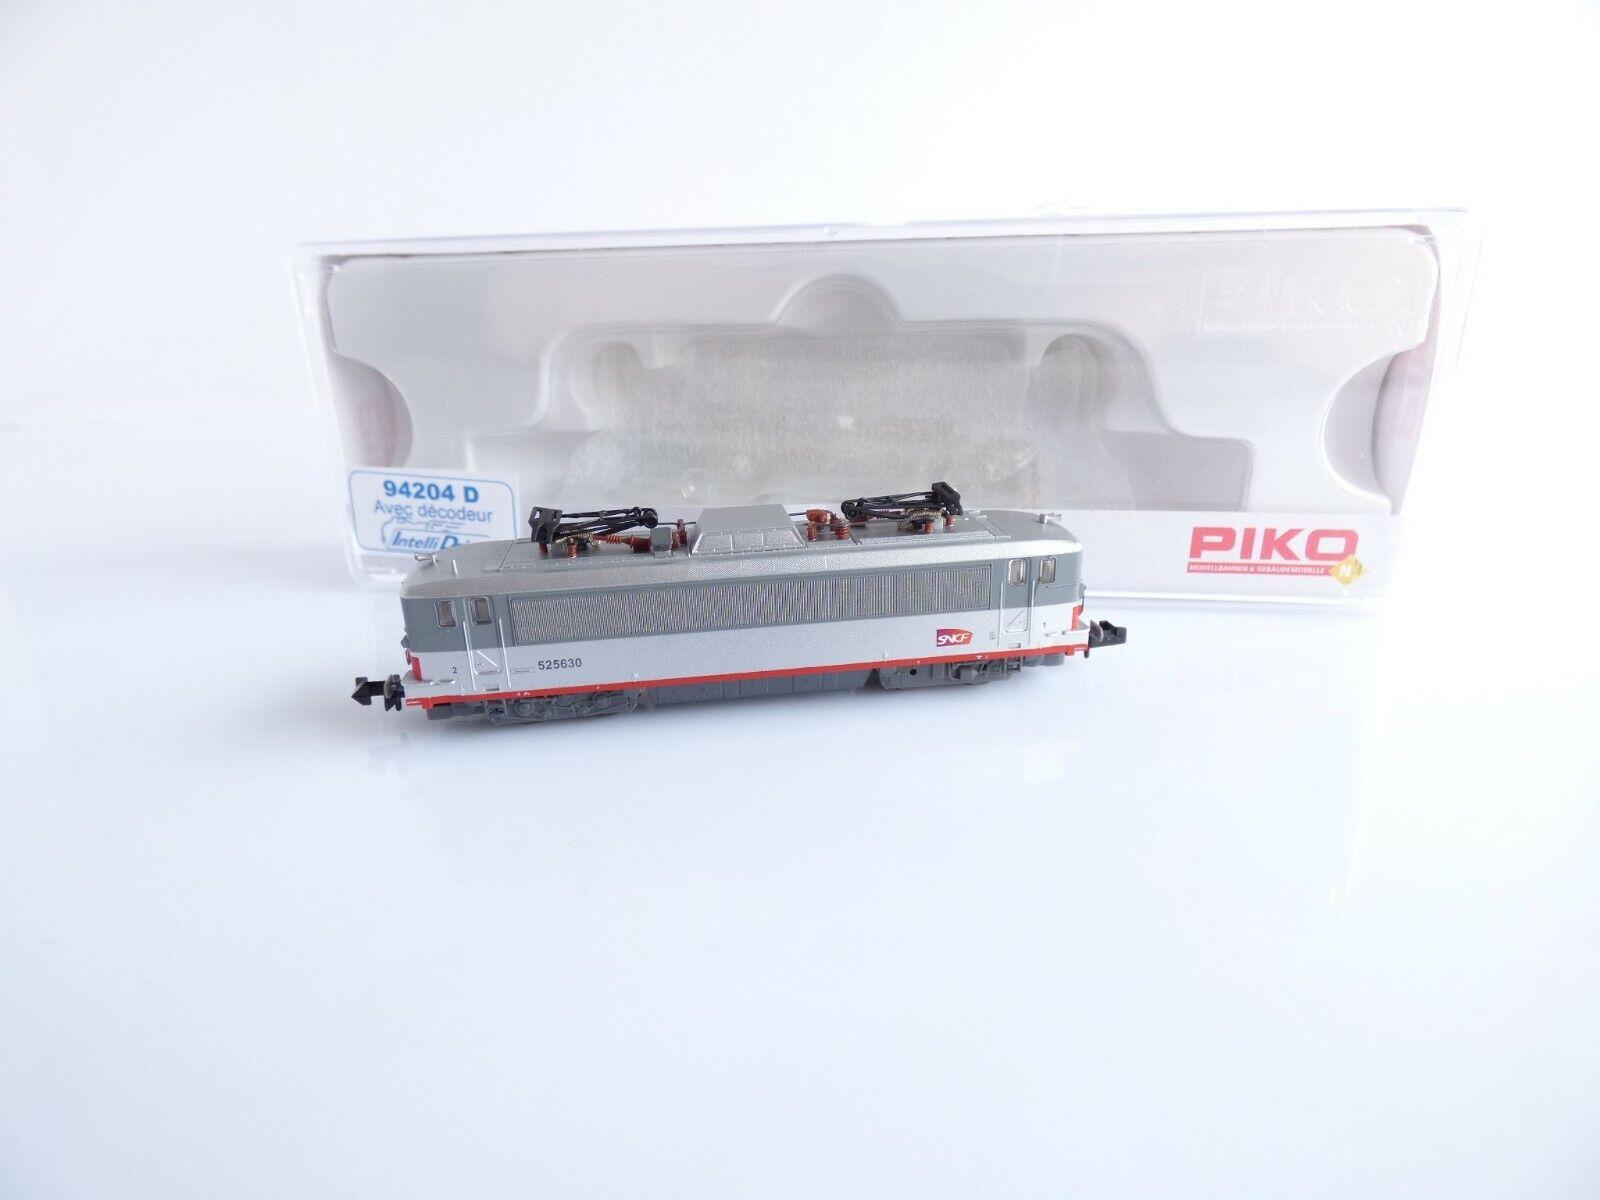 PIKO 94204 D LOCOMOTIVE ELECTRIQUE BB 525630 MULTI SERVICE SNCF ECHELLE N